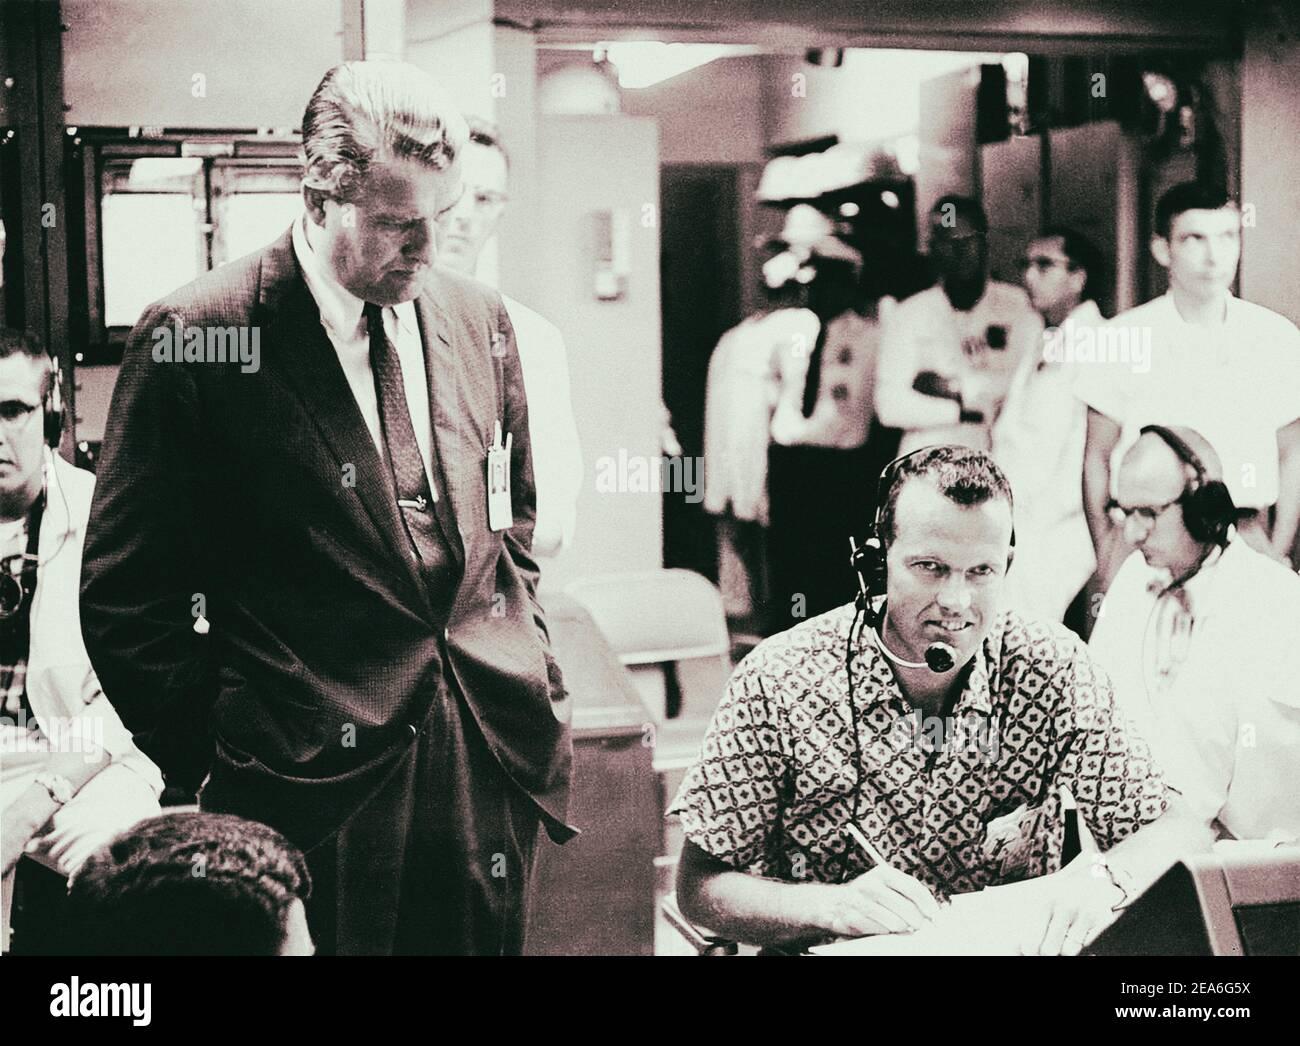 Dr. Werner von Braun und L. Astronaut Gordon Cooper. USA. 1965 Stockfoto